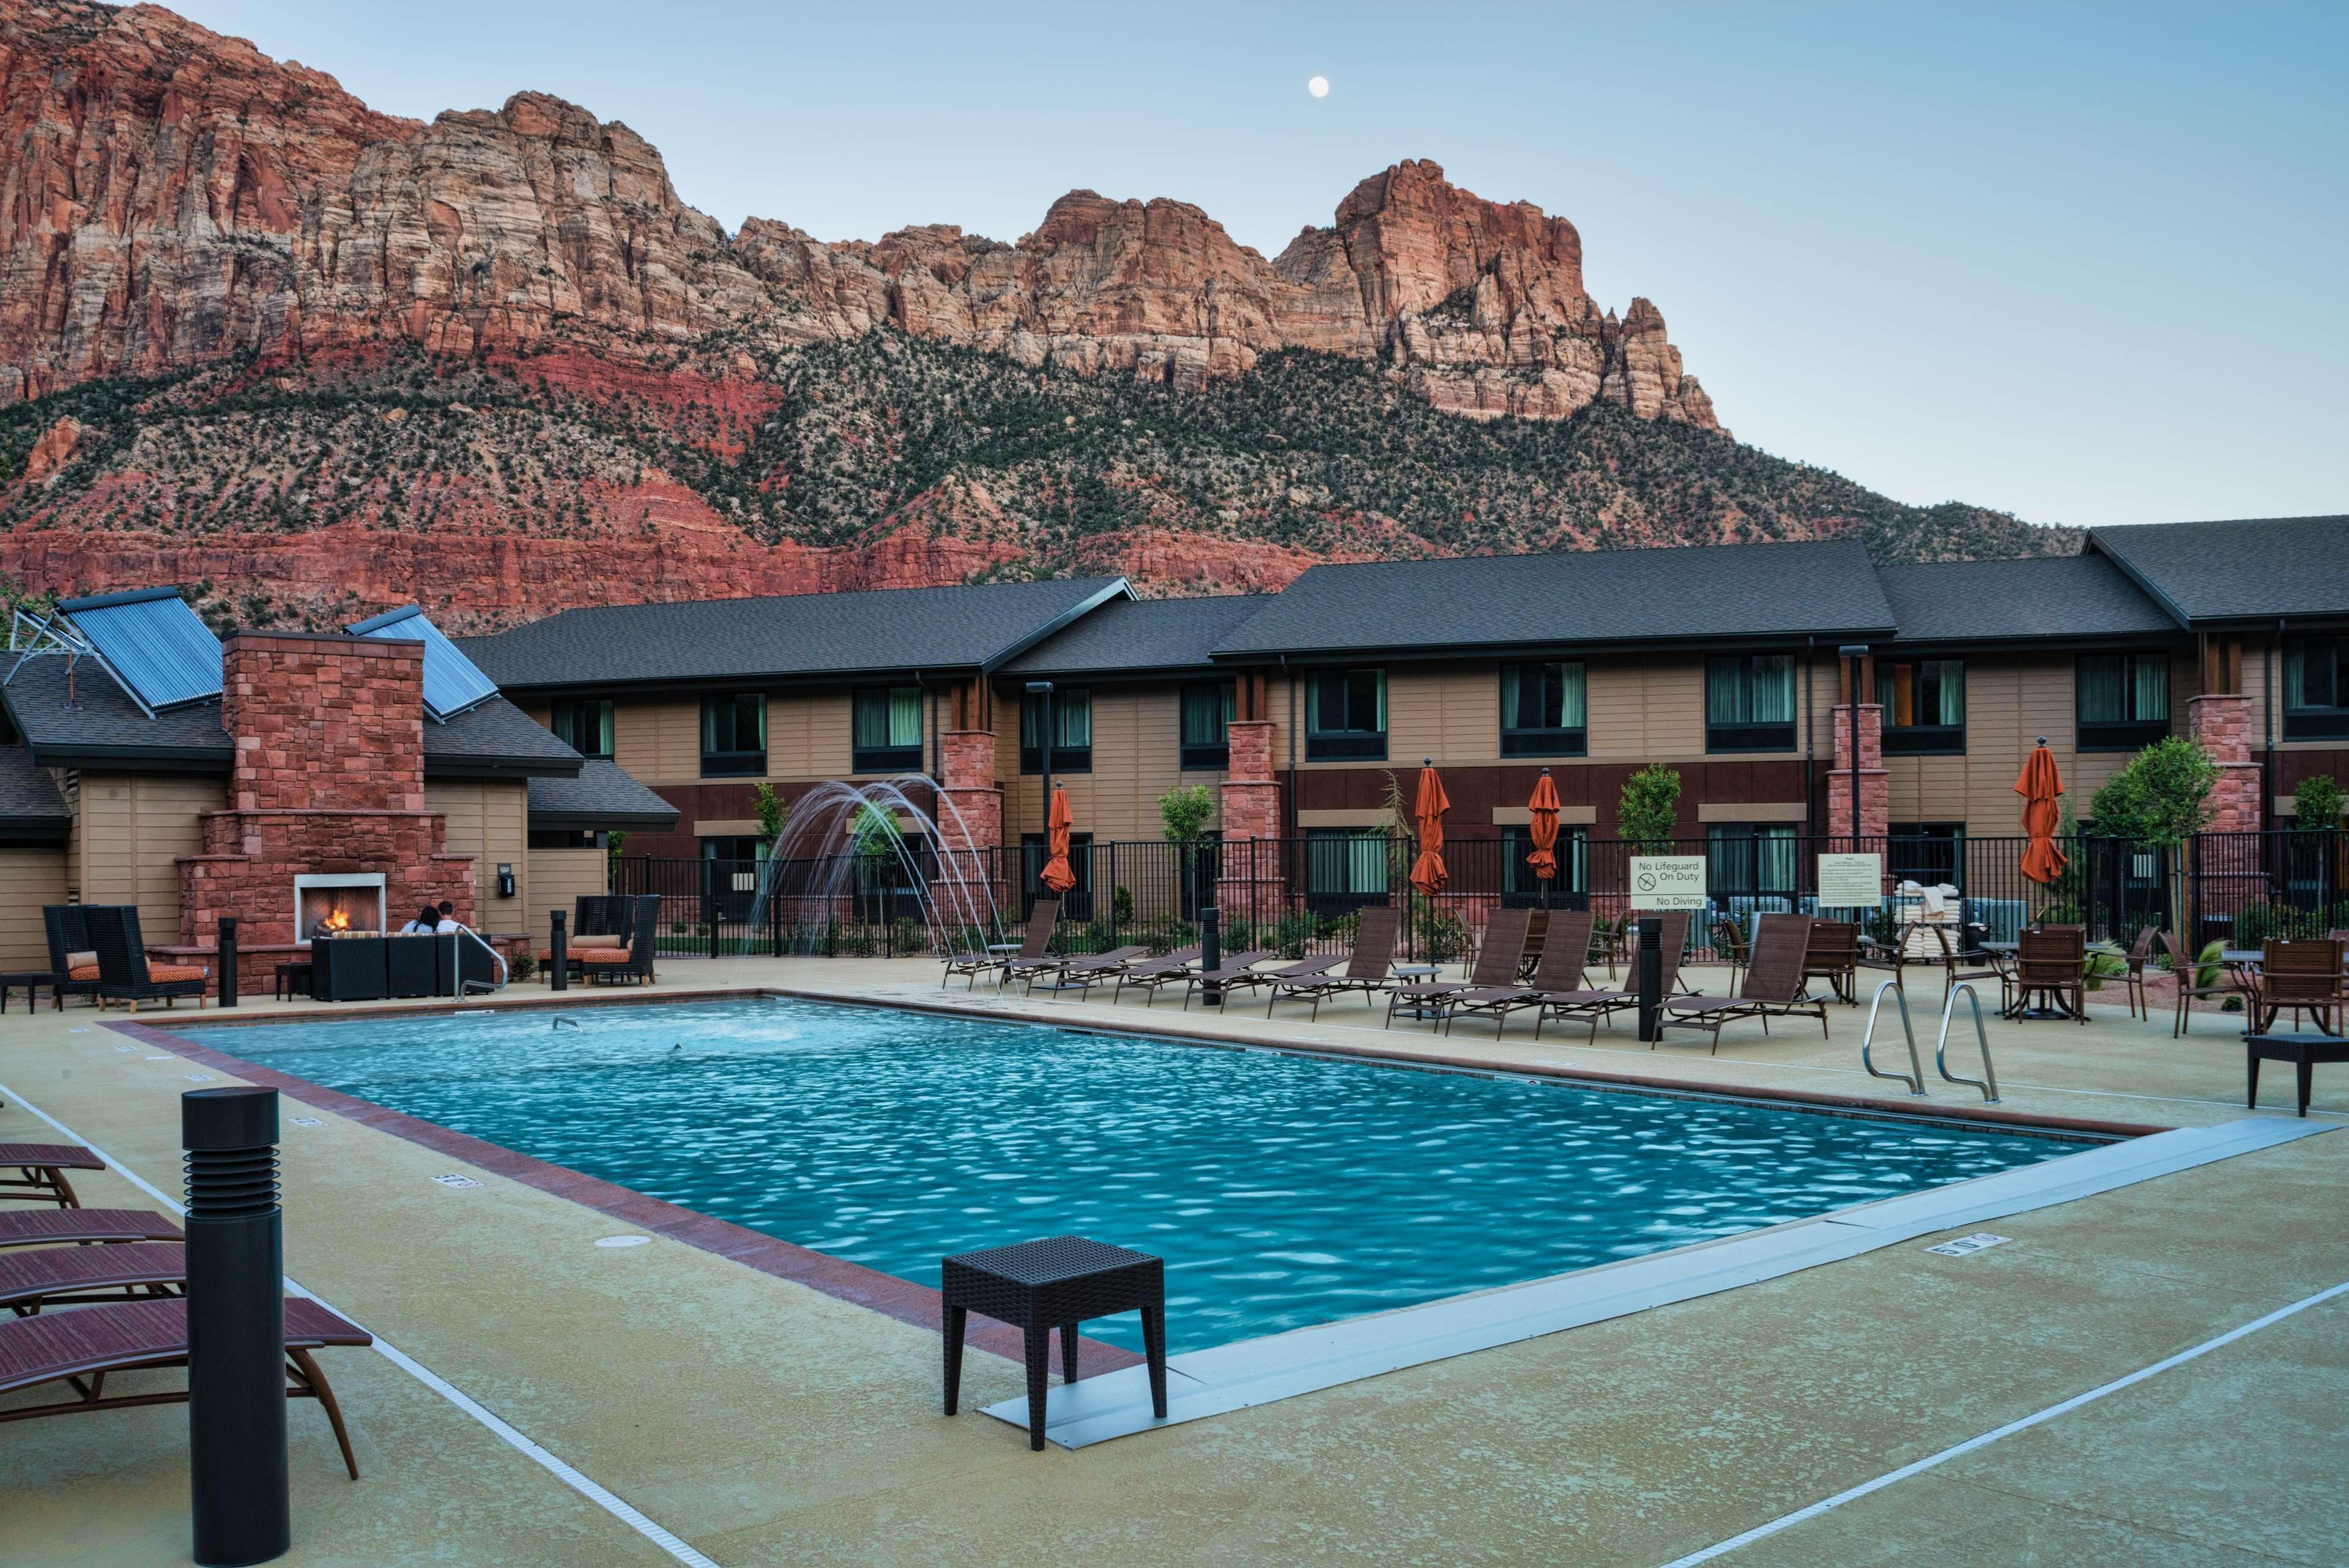 Hampton Inn & Suites Springdale/Zion National Park image 10